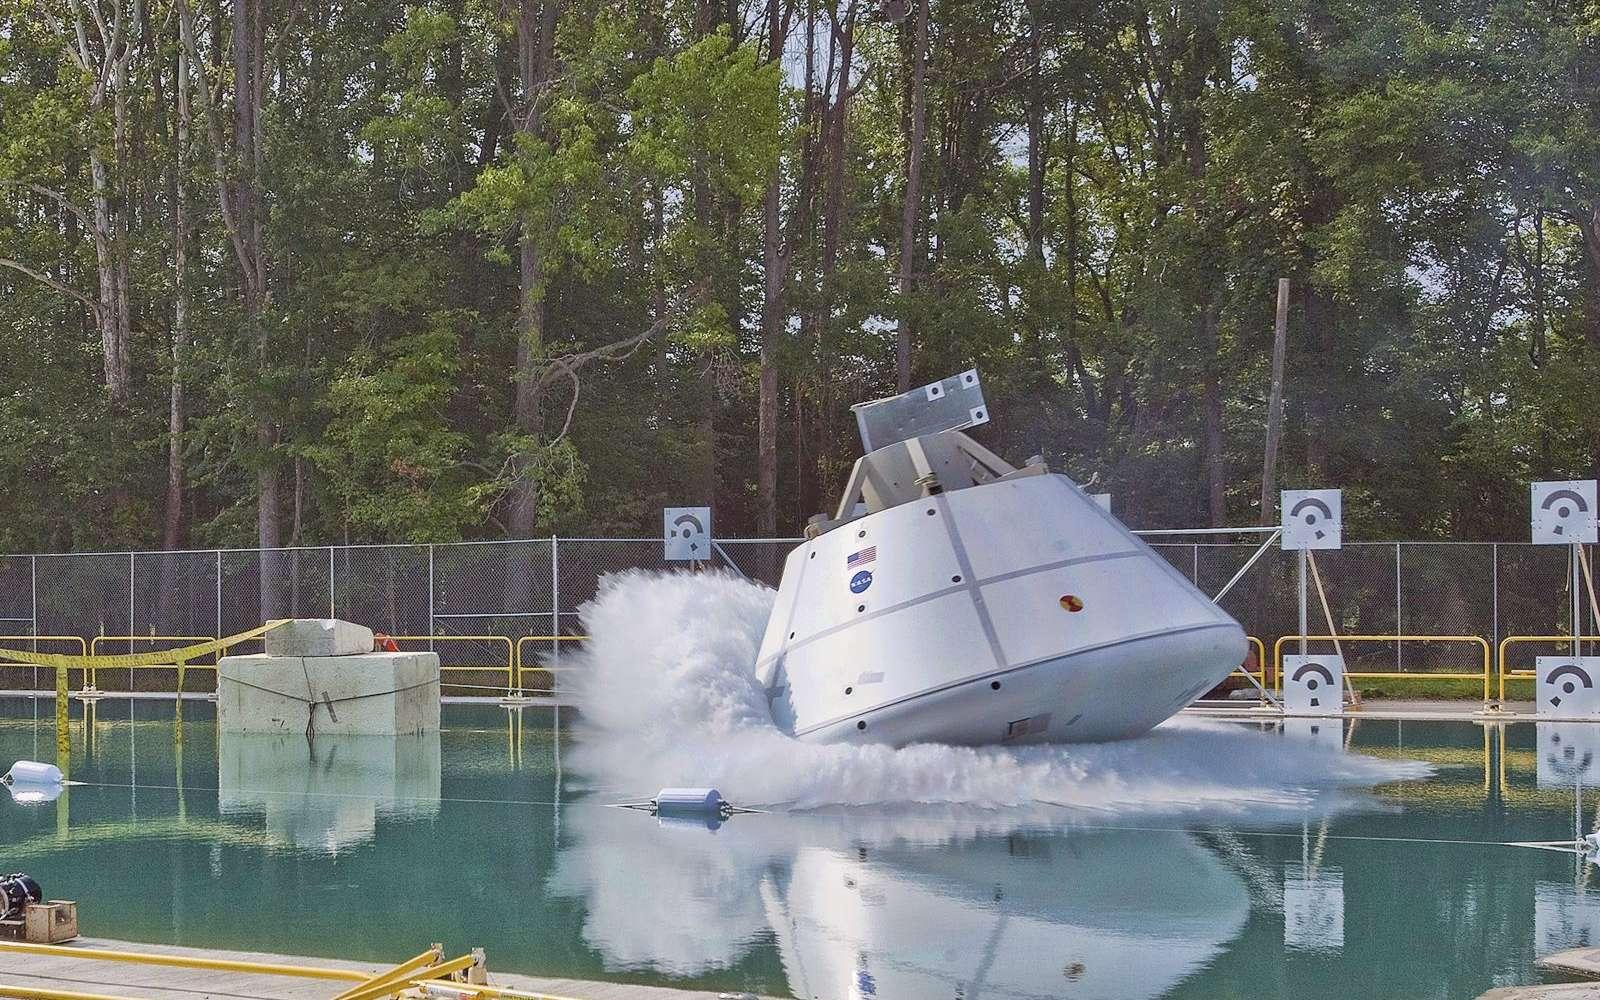 Comme premier client, le nouveau bassin d'essai du centre de recherche de Langley (Nasa) a testé le futur véhicule spatial d'exploration des États-Unis. © Nasa/Sean Smith